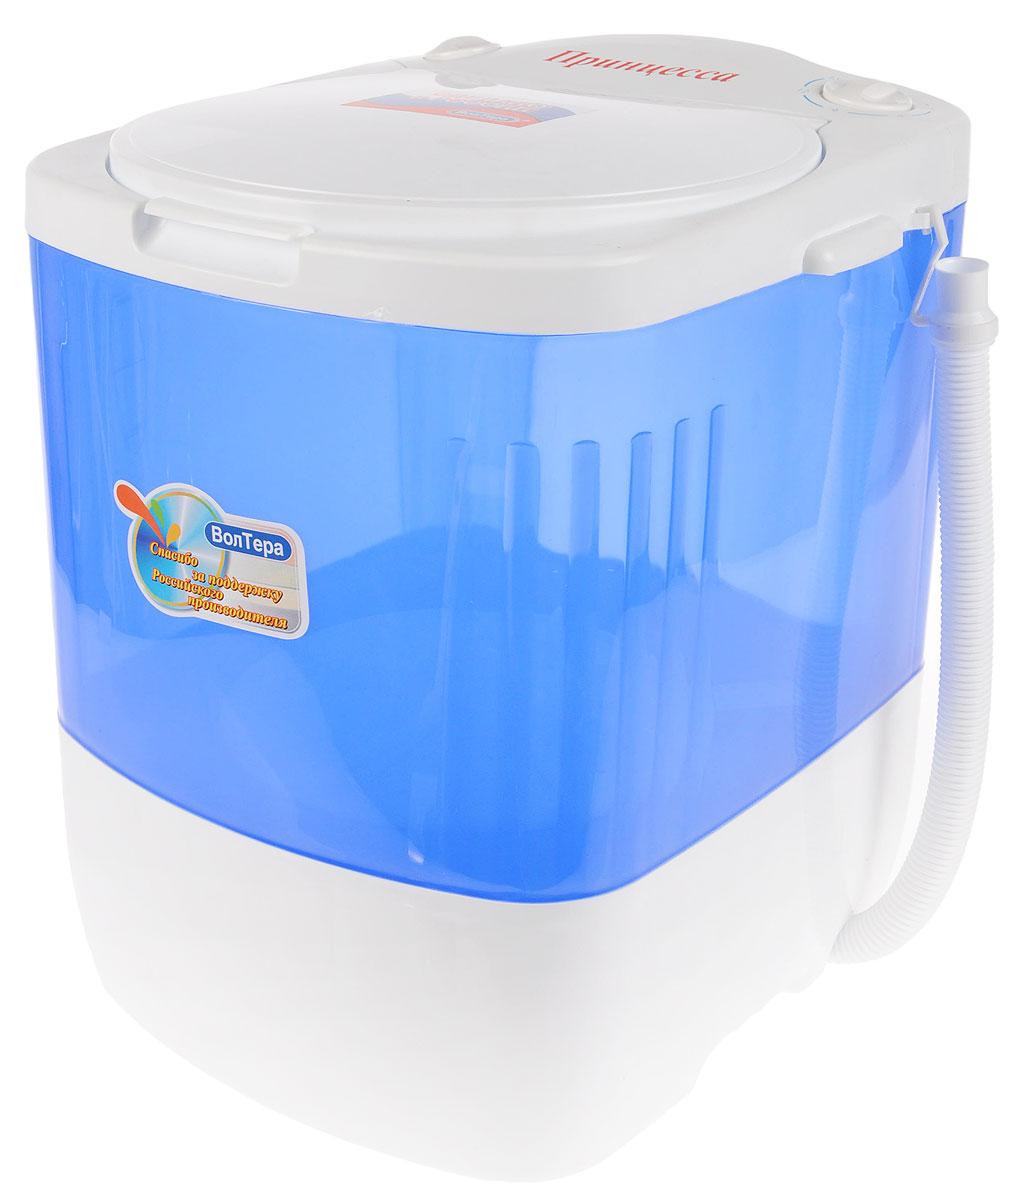 ВолТек Принцесса СМ-1, Blue стиральная машинаВТ-СМ1RUПринцессаЛегкая мини-стиральная машина с вертикальной загрузкой ВолТек Принцесса СМ-1 облегчает ручную стирку дома и в путешествиях. Подходит для стирки мелкого белья, а также изделий из деликатных тканей. Стирает быстро и эффективно со стойким результатом. Минимальный расход воды, энергии и моющих средств. Потребляемая мощность: 140 Вт Объем бака: 17 литров Режим работы: реверсивный, повторно-кратковременный до 15 минут